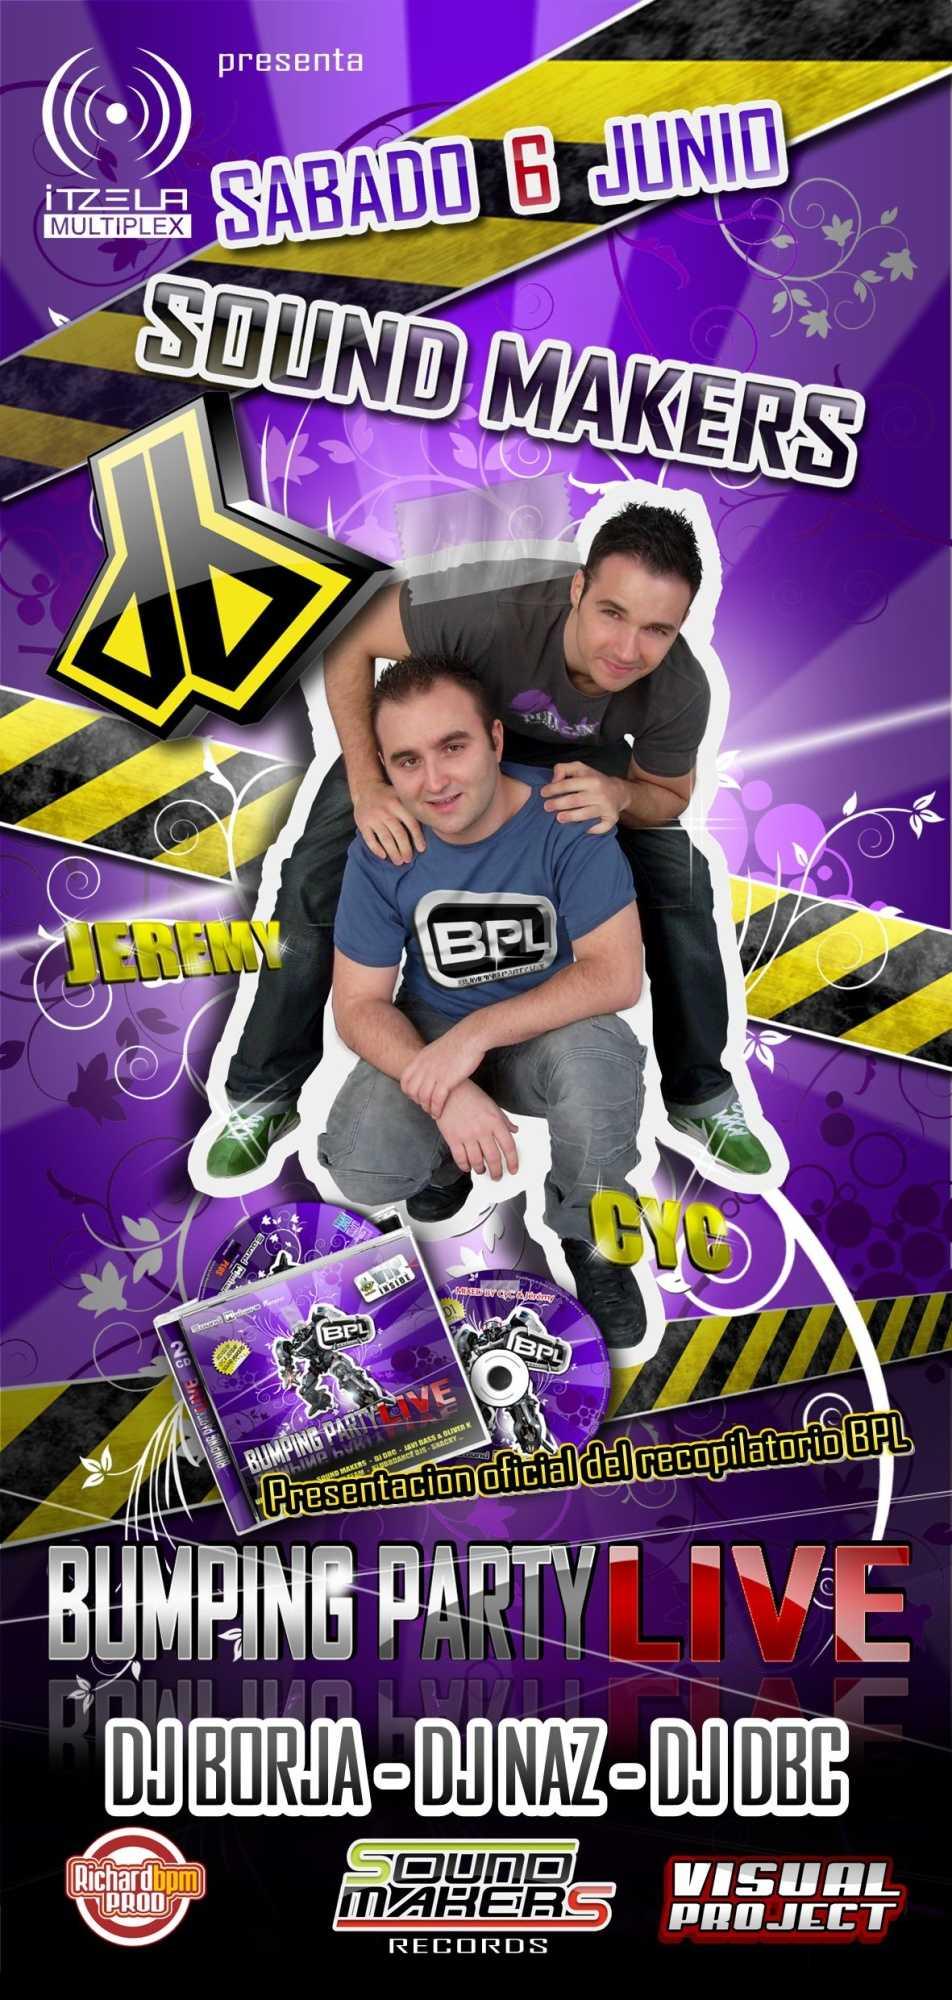 Soirée de présentation de la compile Bumping Party live mixée par CyC & Jeremy (Sound Makers)  avec CyC & Jeremy (Sound Makers) Dj Borja (Xplosive division) Dj DBC (Euphoric records) Dj Naz (Wanchu music)